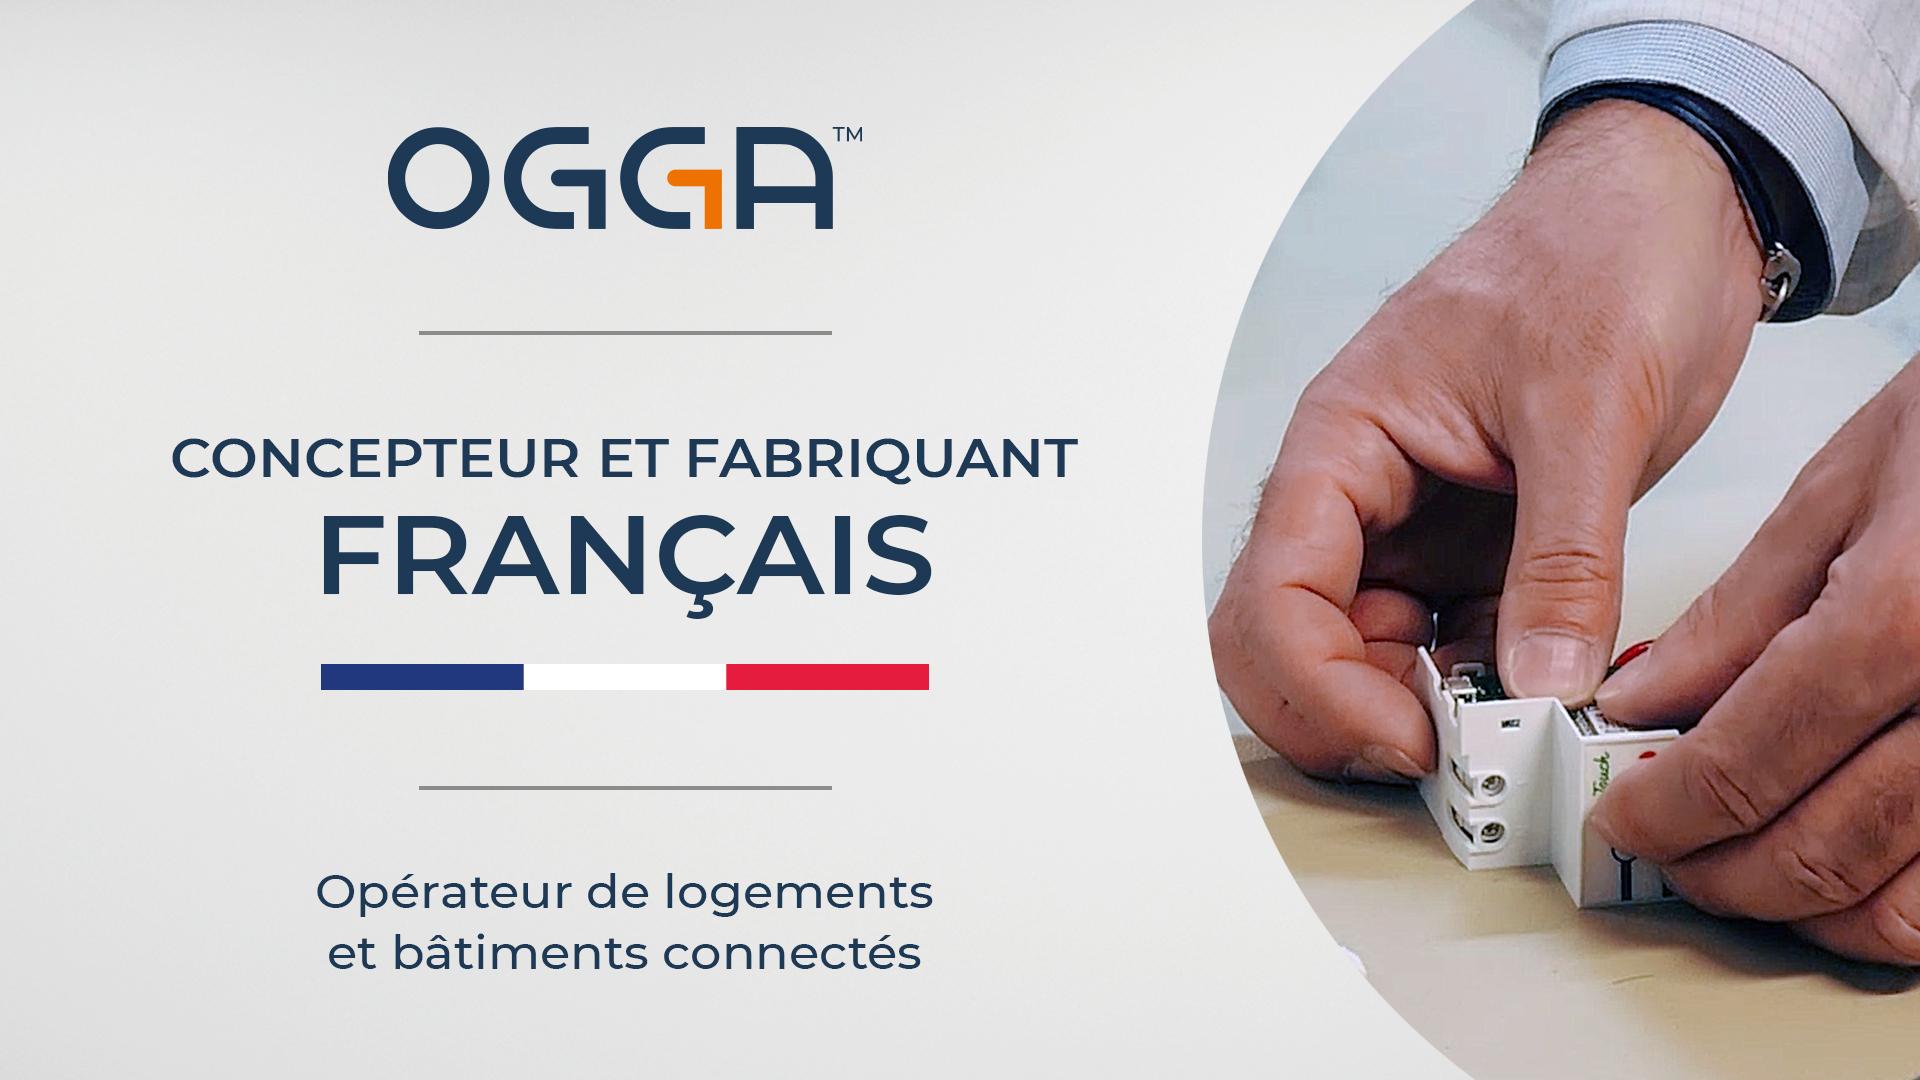 [Développement Durable] Pourquoi OGGA a choisi un ancrage 100% Français ?